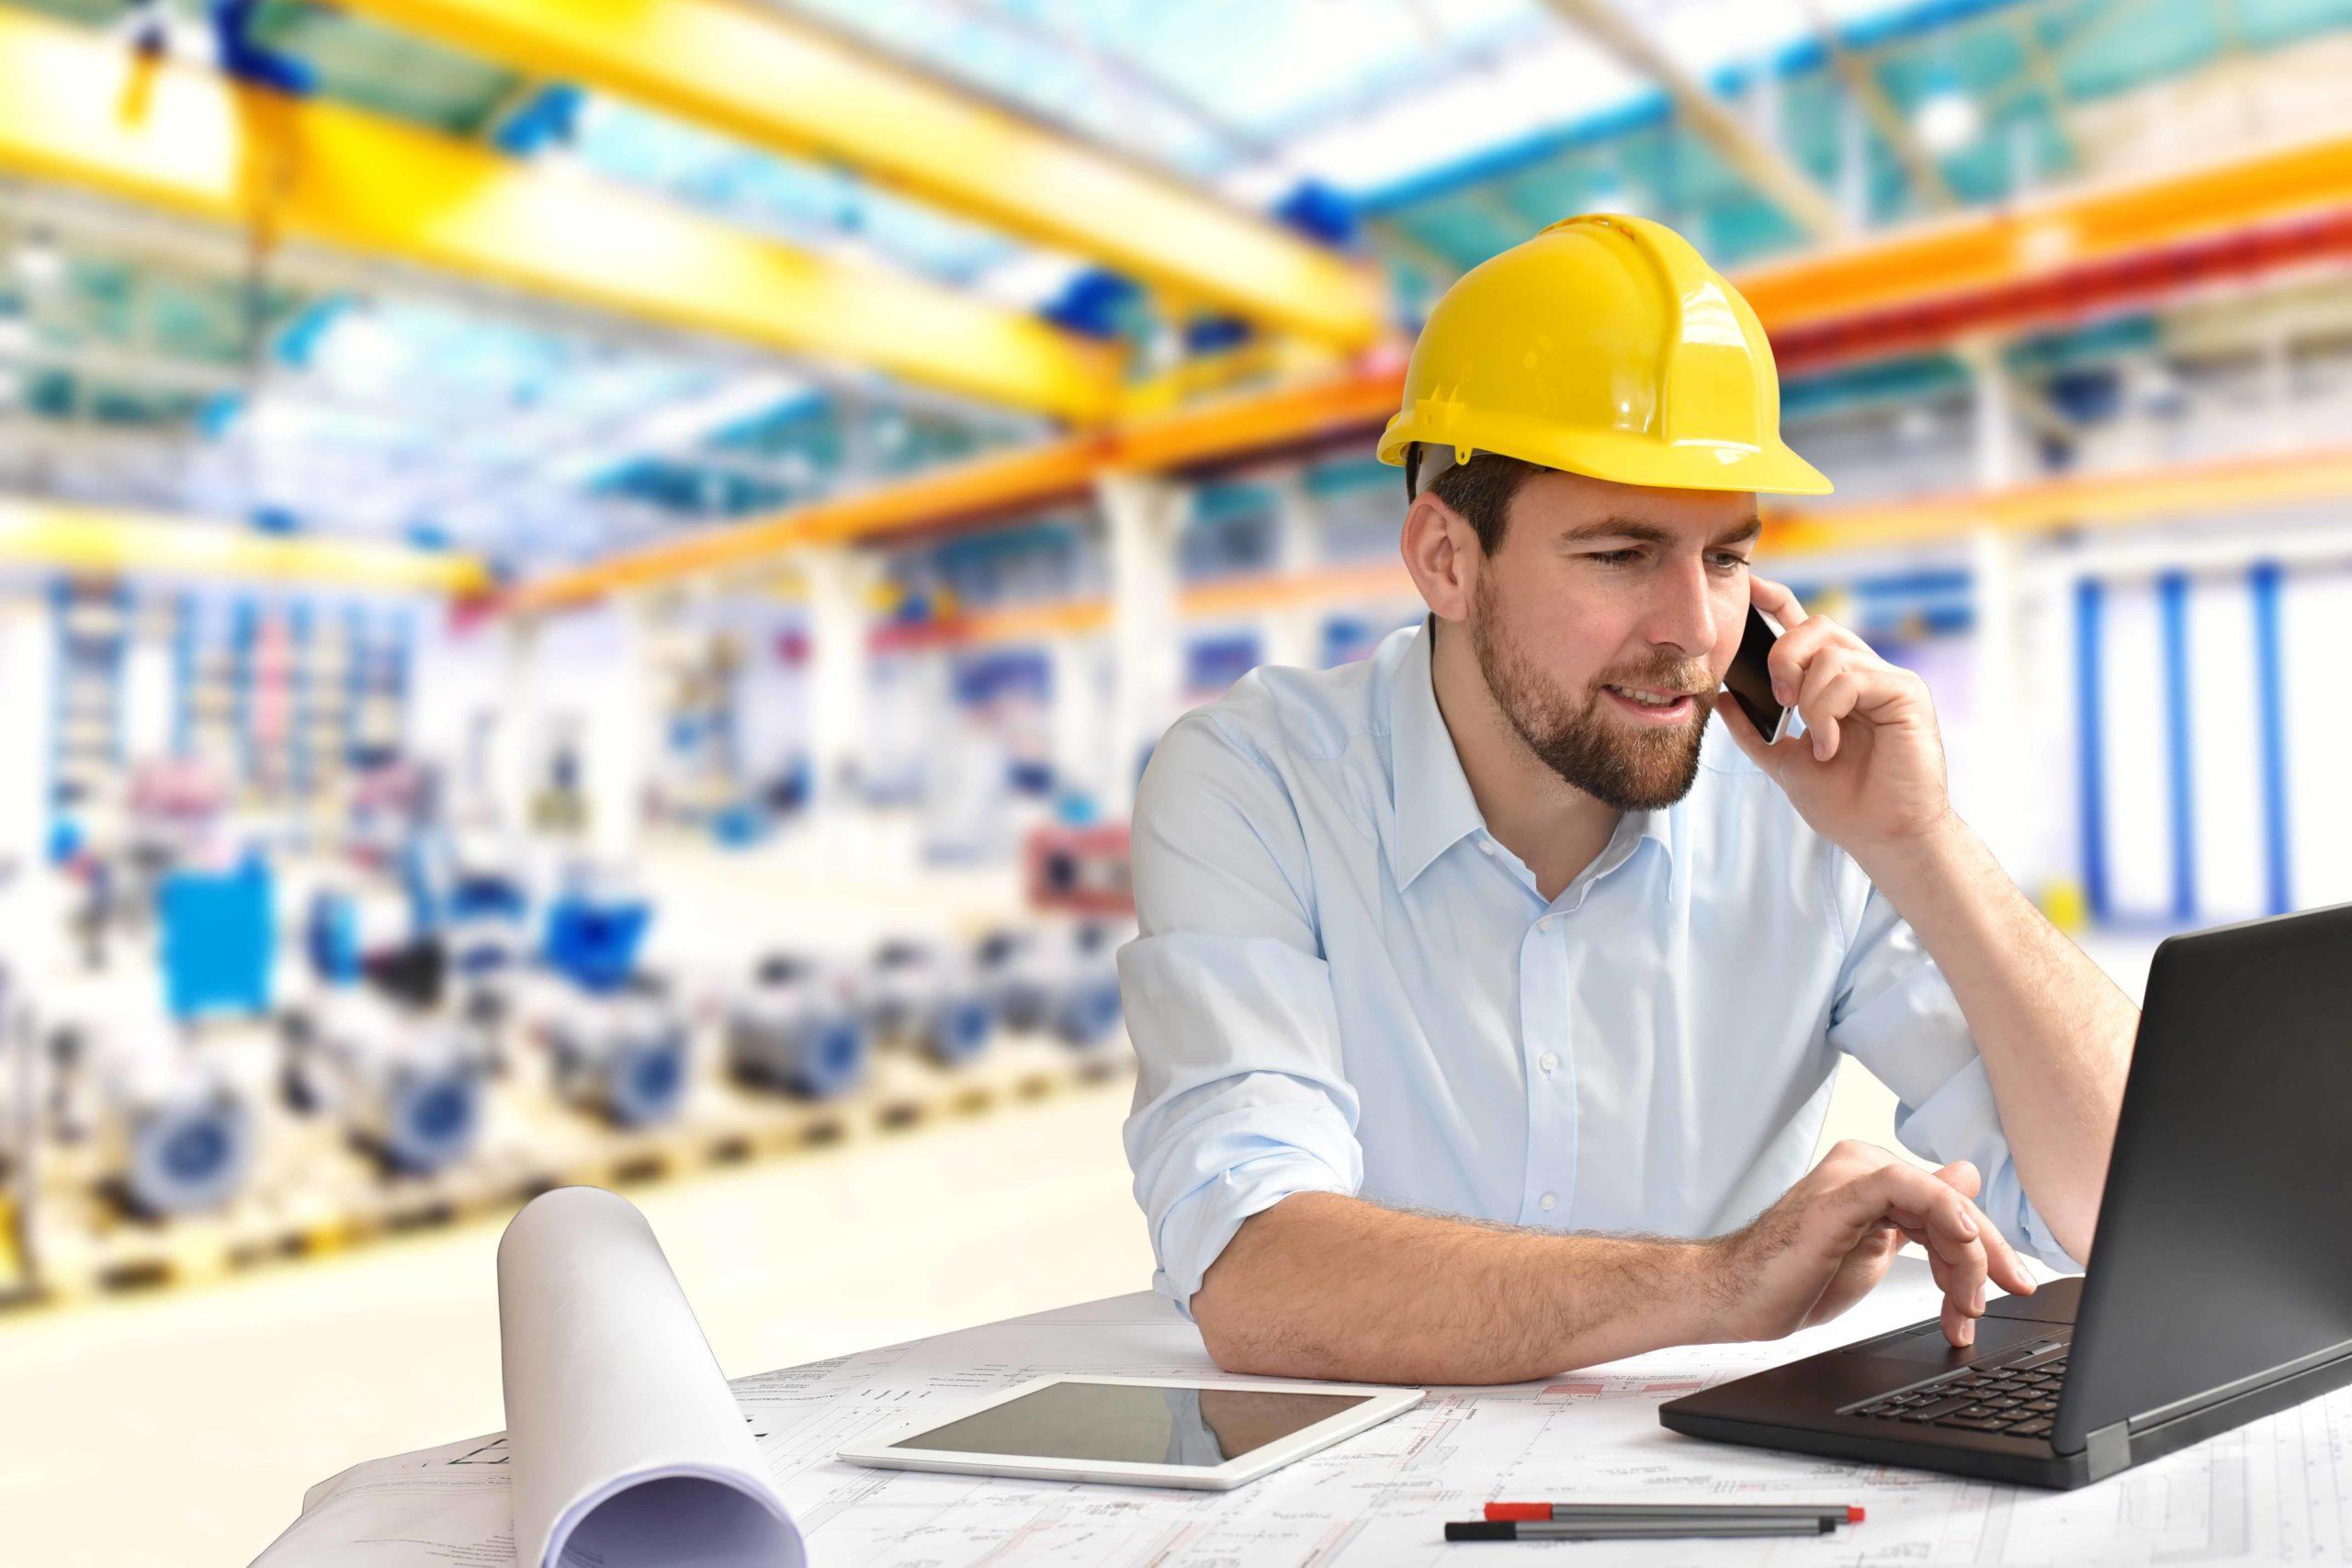 Ingenieur im Maschinenbau telefoniert am Arbeitsplatz/ Schreibti